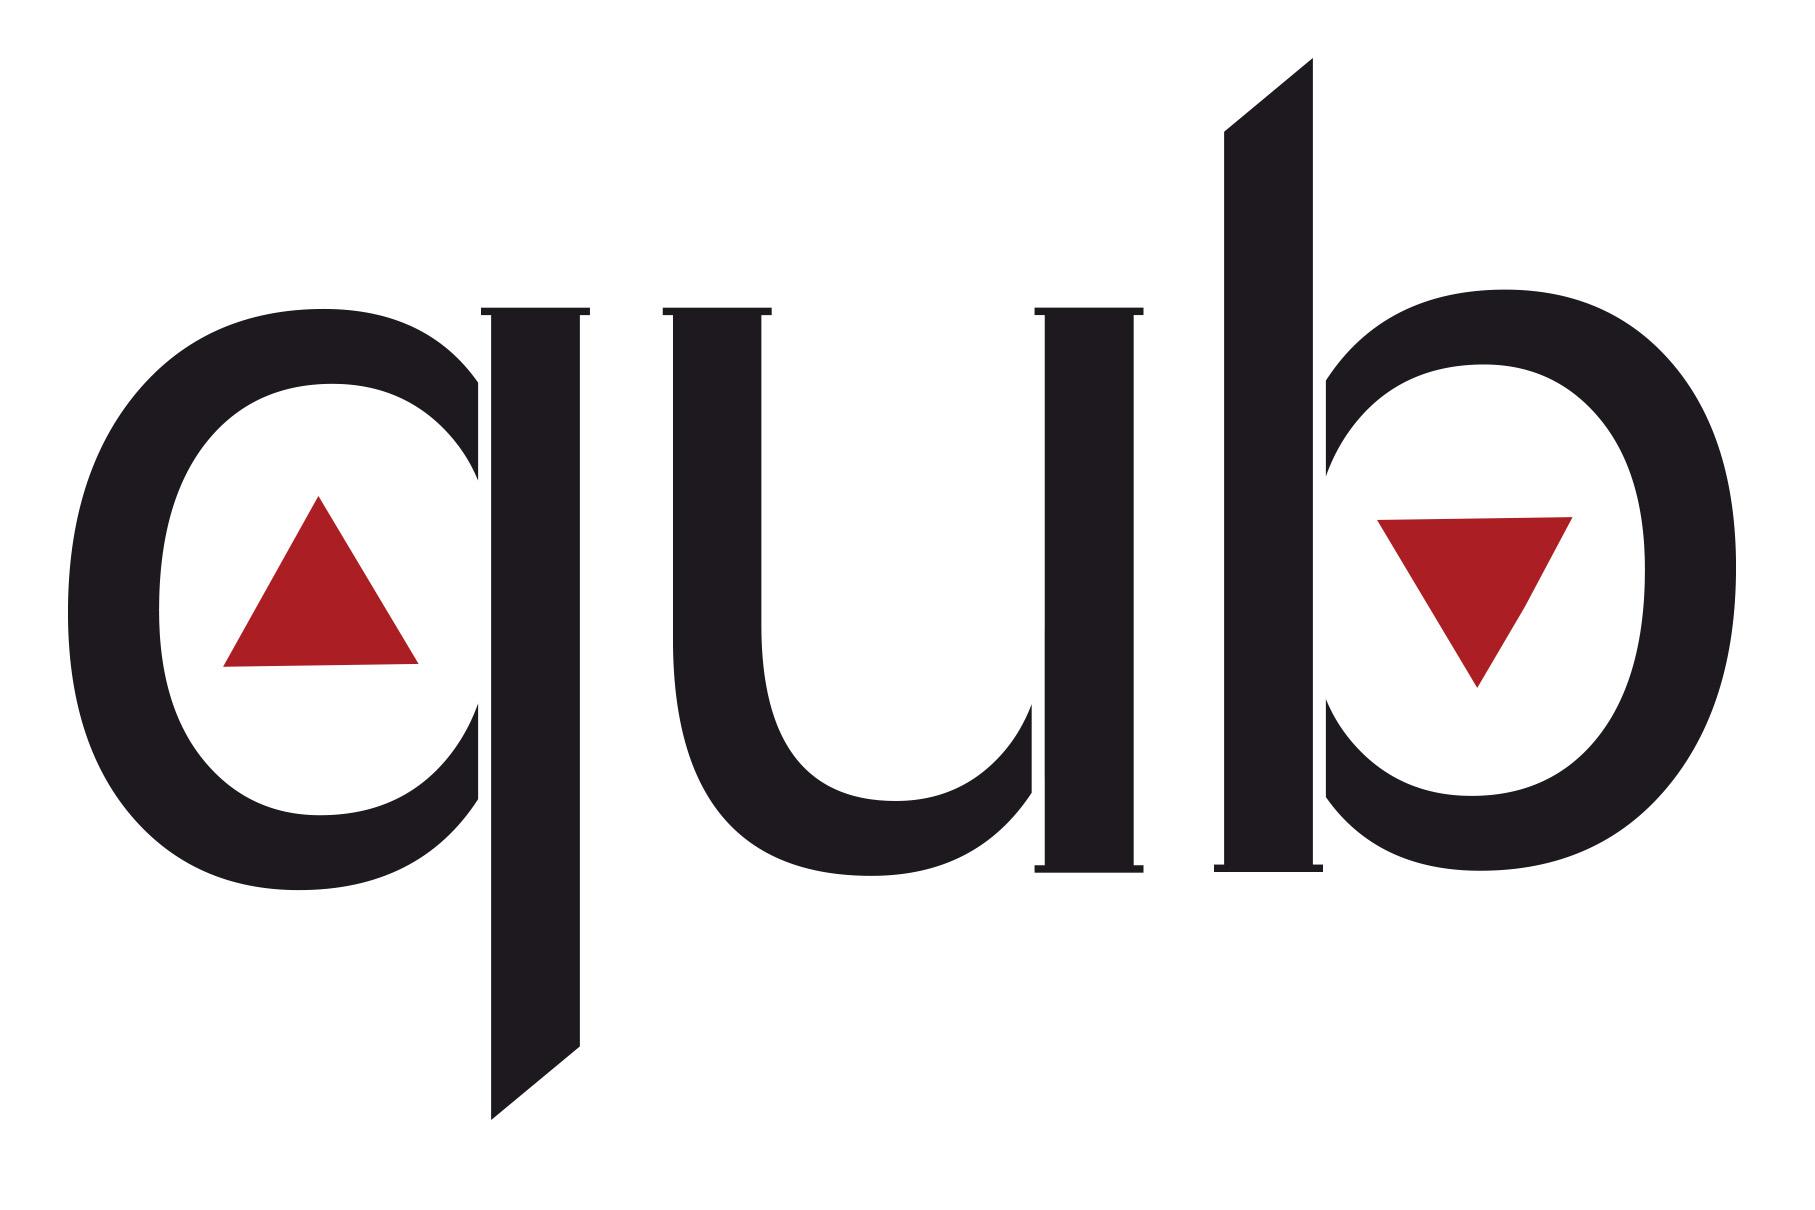 Разработка логотипа и фирменного стиля для ТМ фото f_2245f214fd382a8f.jpg